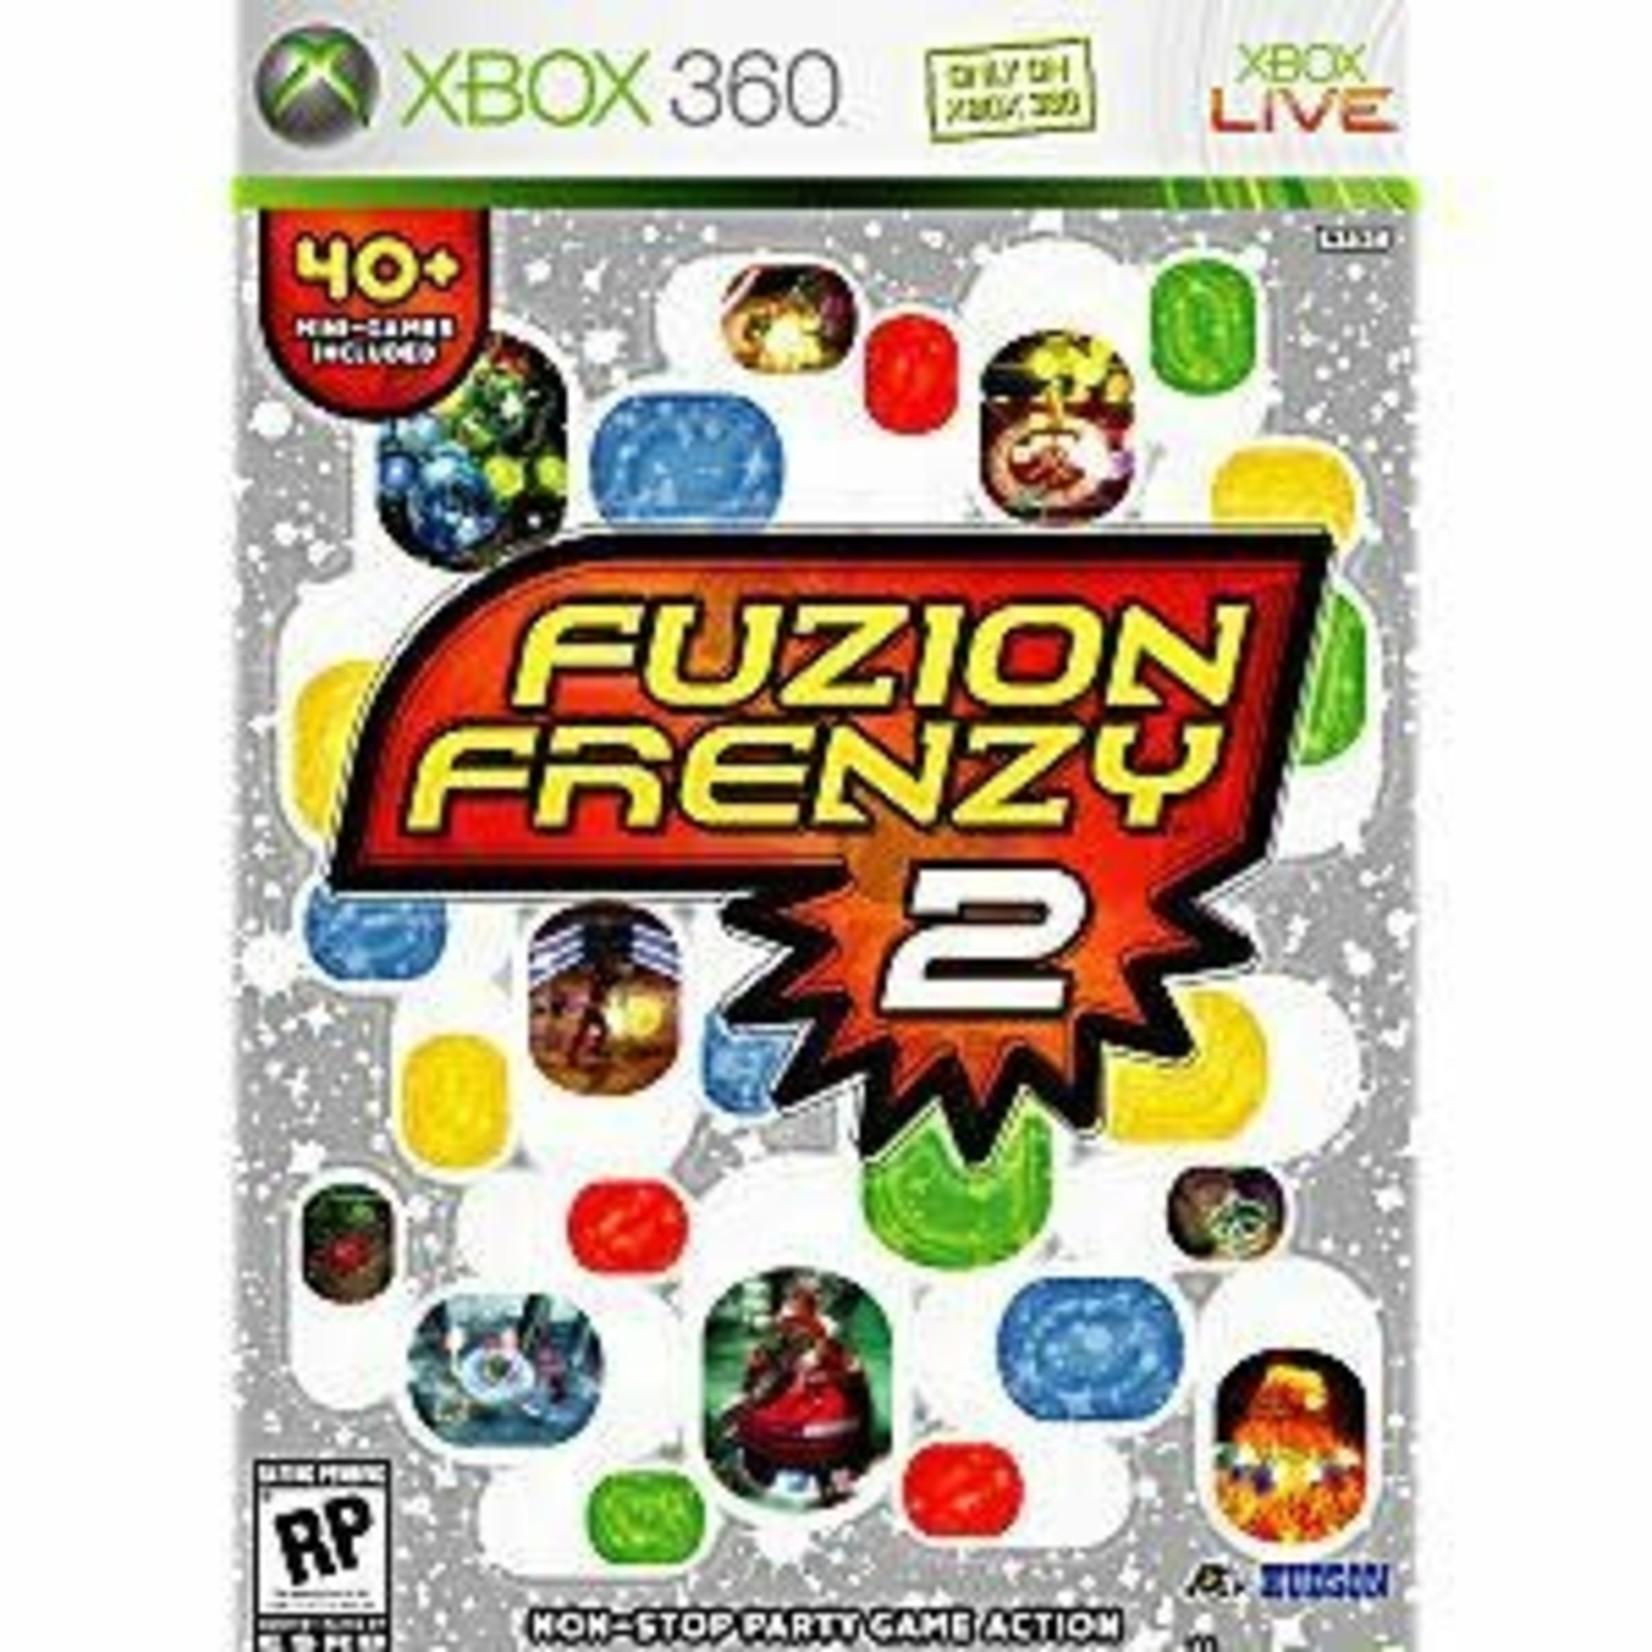 X3-Fuzion Frenzy 2